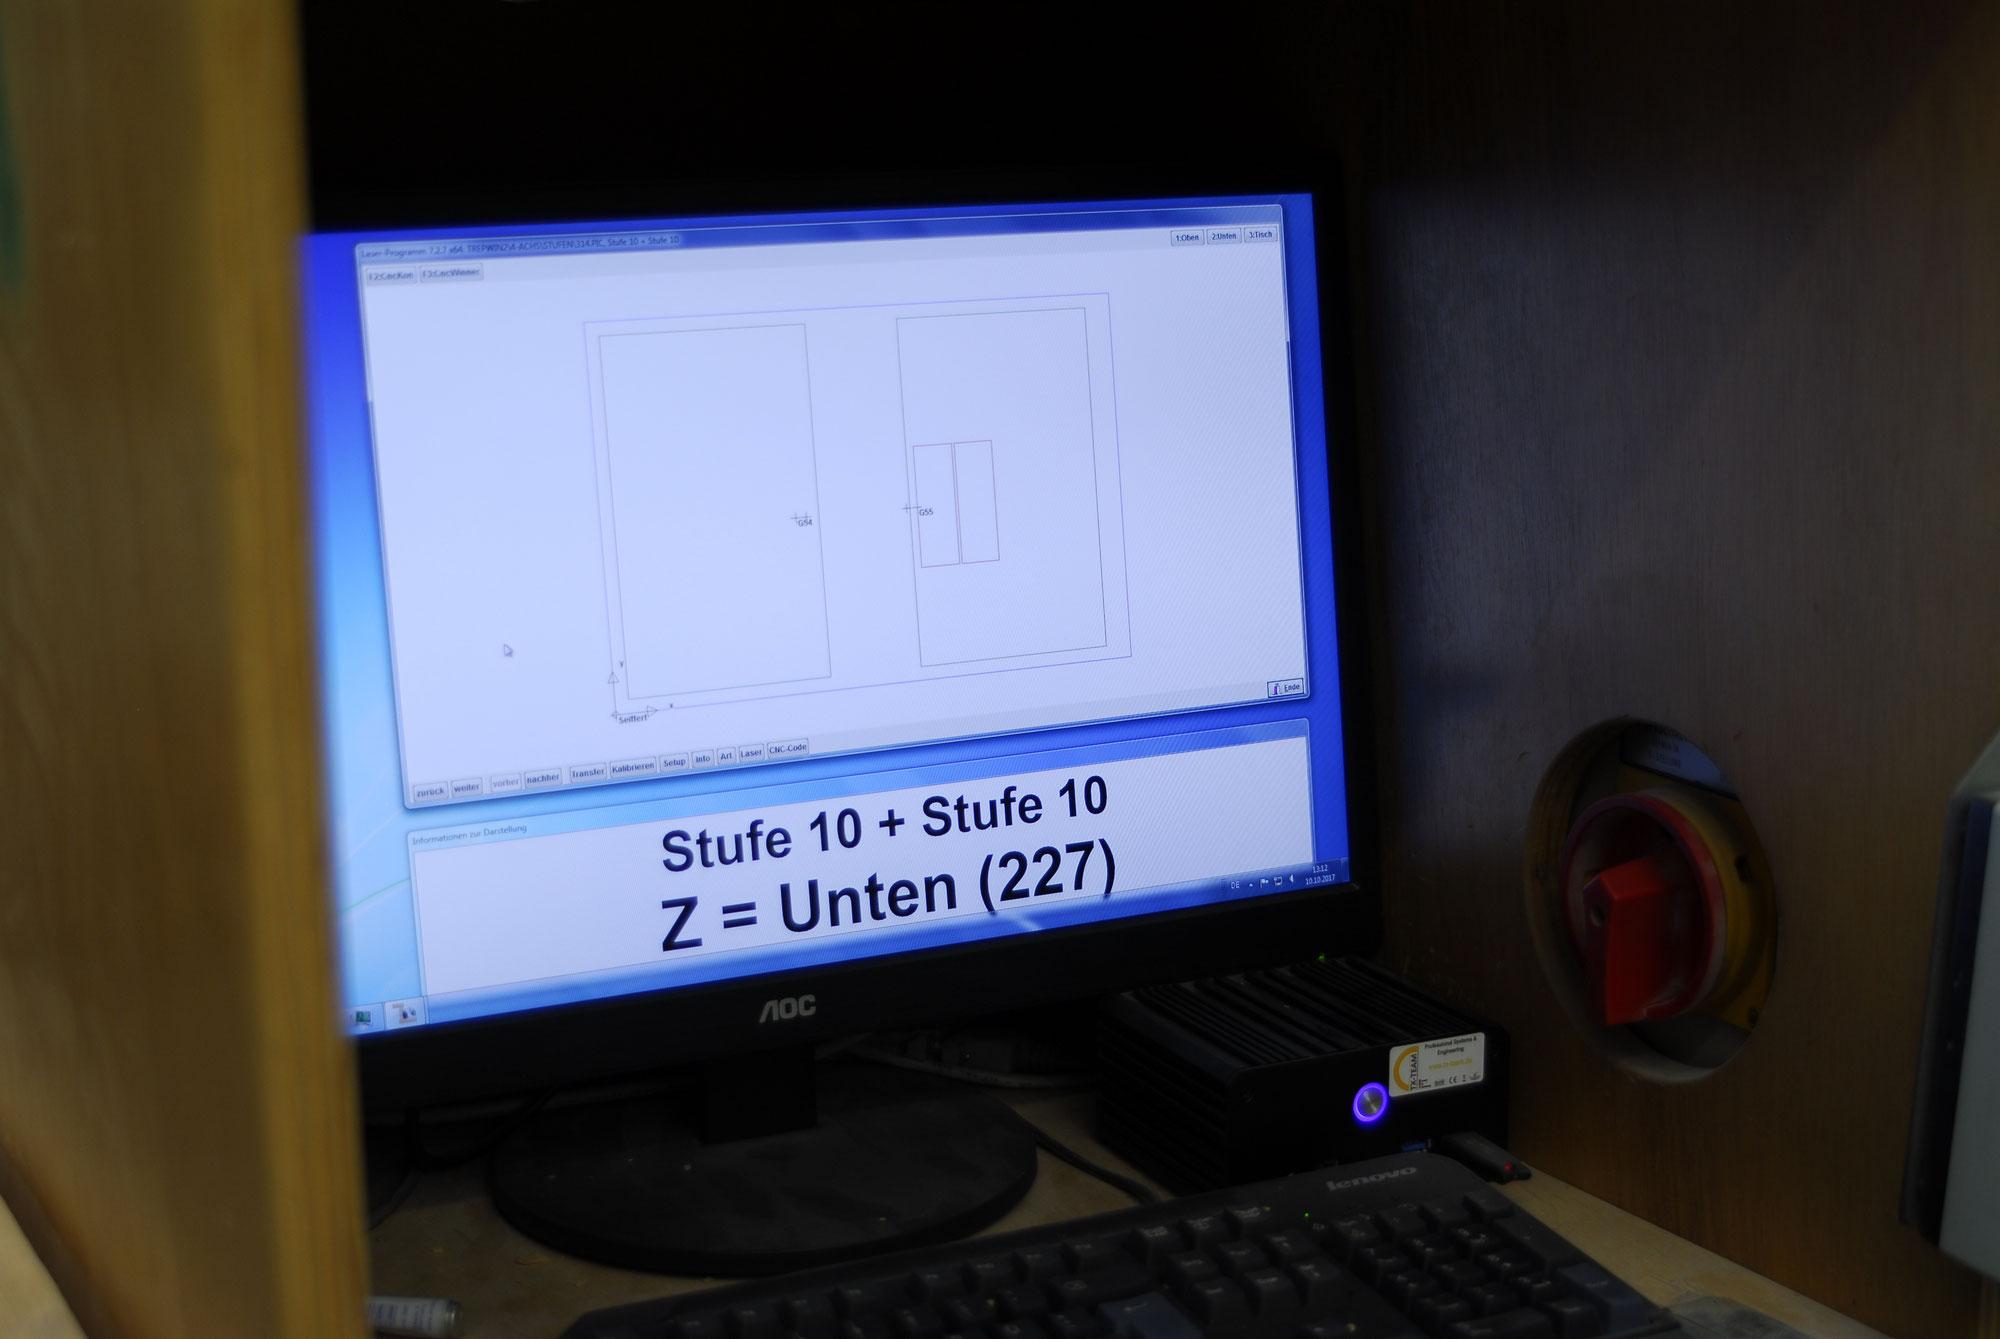 Bucher Treppen - moderne CNC-gestützte Treppenherstellung mit Präzision.